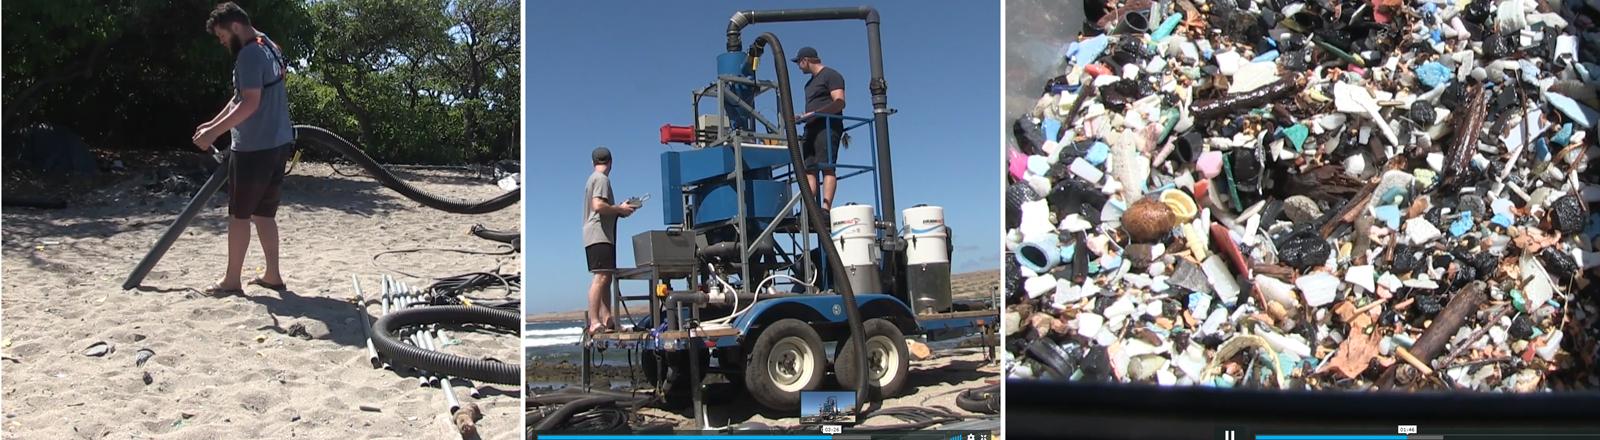 Die Sandsaugreinigungsmaschine Hoola One  in Aktion auf Hawaii